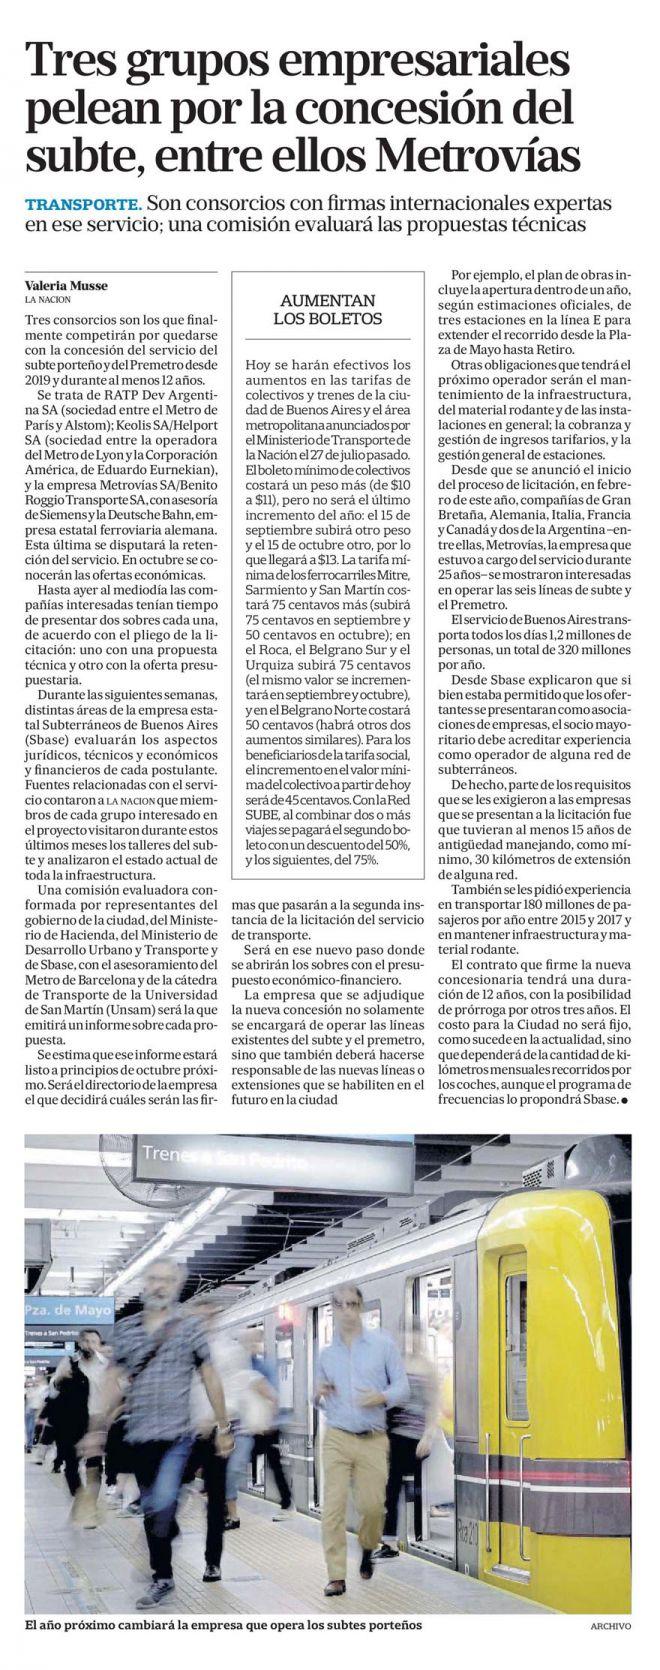 Tres grupos empresariales pelean por la concesión del subte, entre ellos Metrovías_La Nación